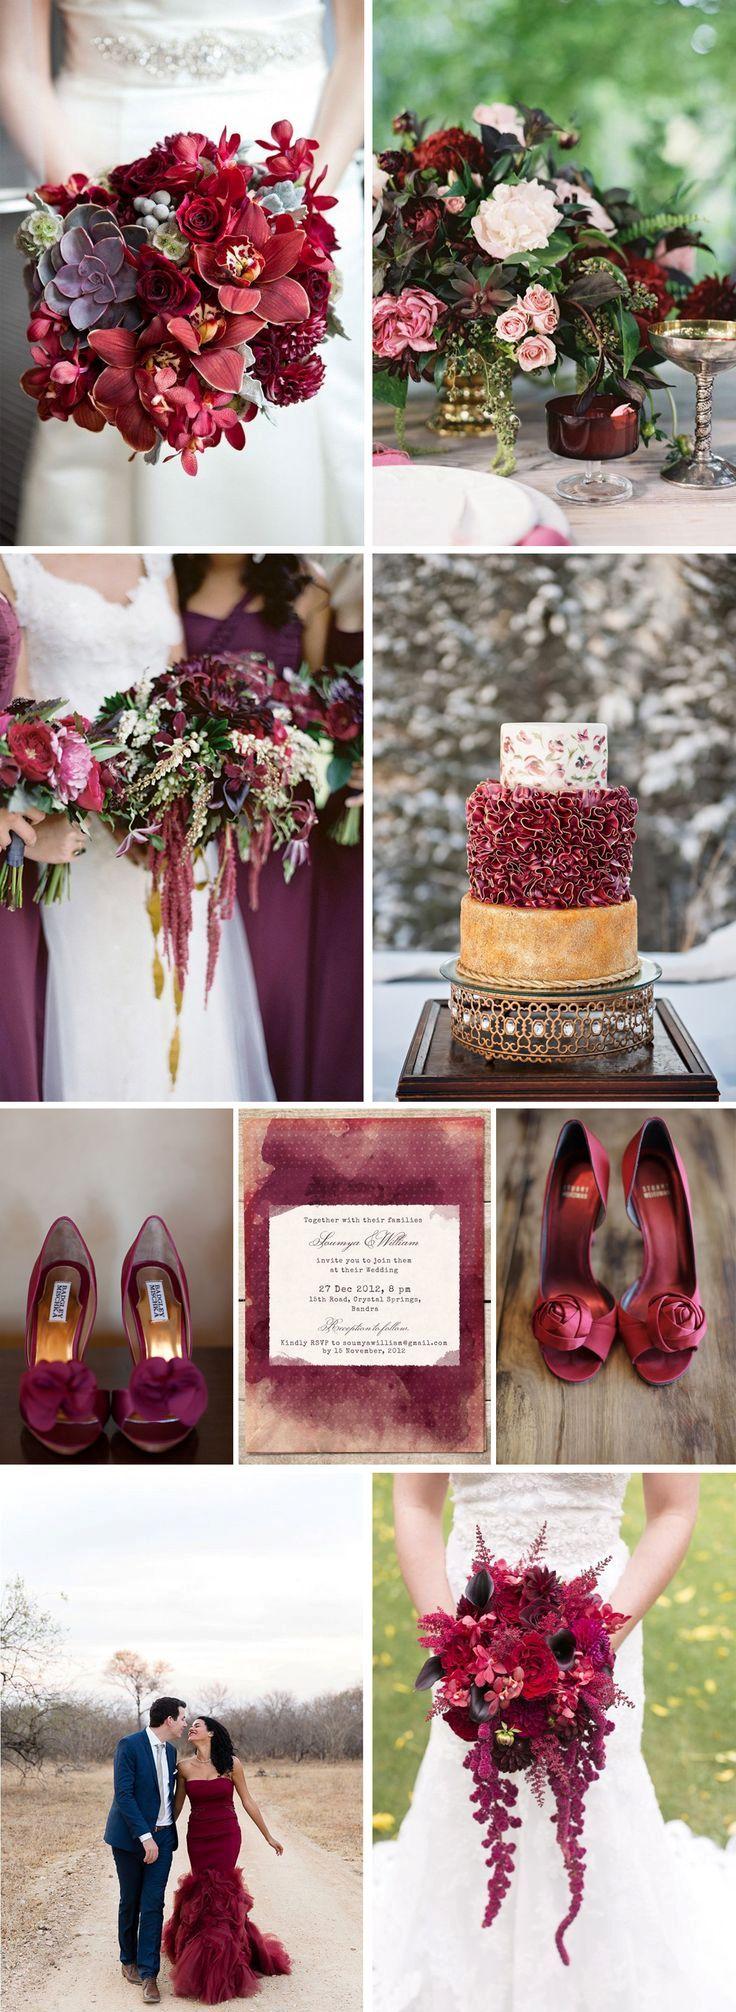 Matrimonio Tema Toscana : Nozze ganze tutto per sposarsi in toscana quale colore